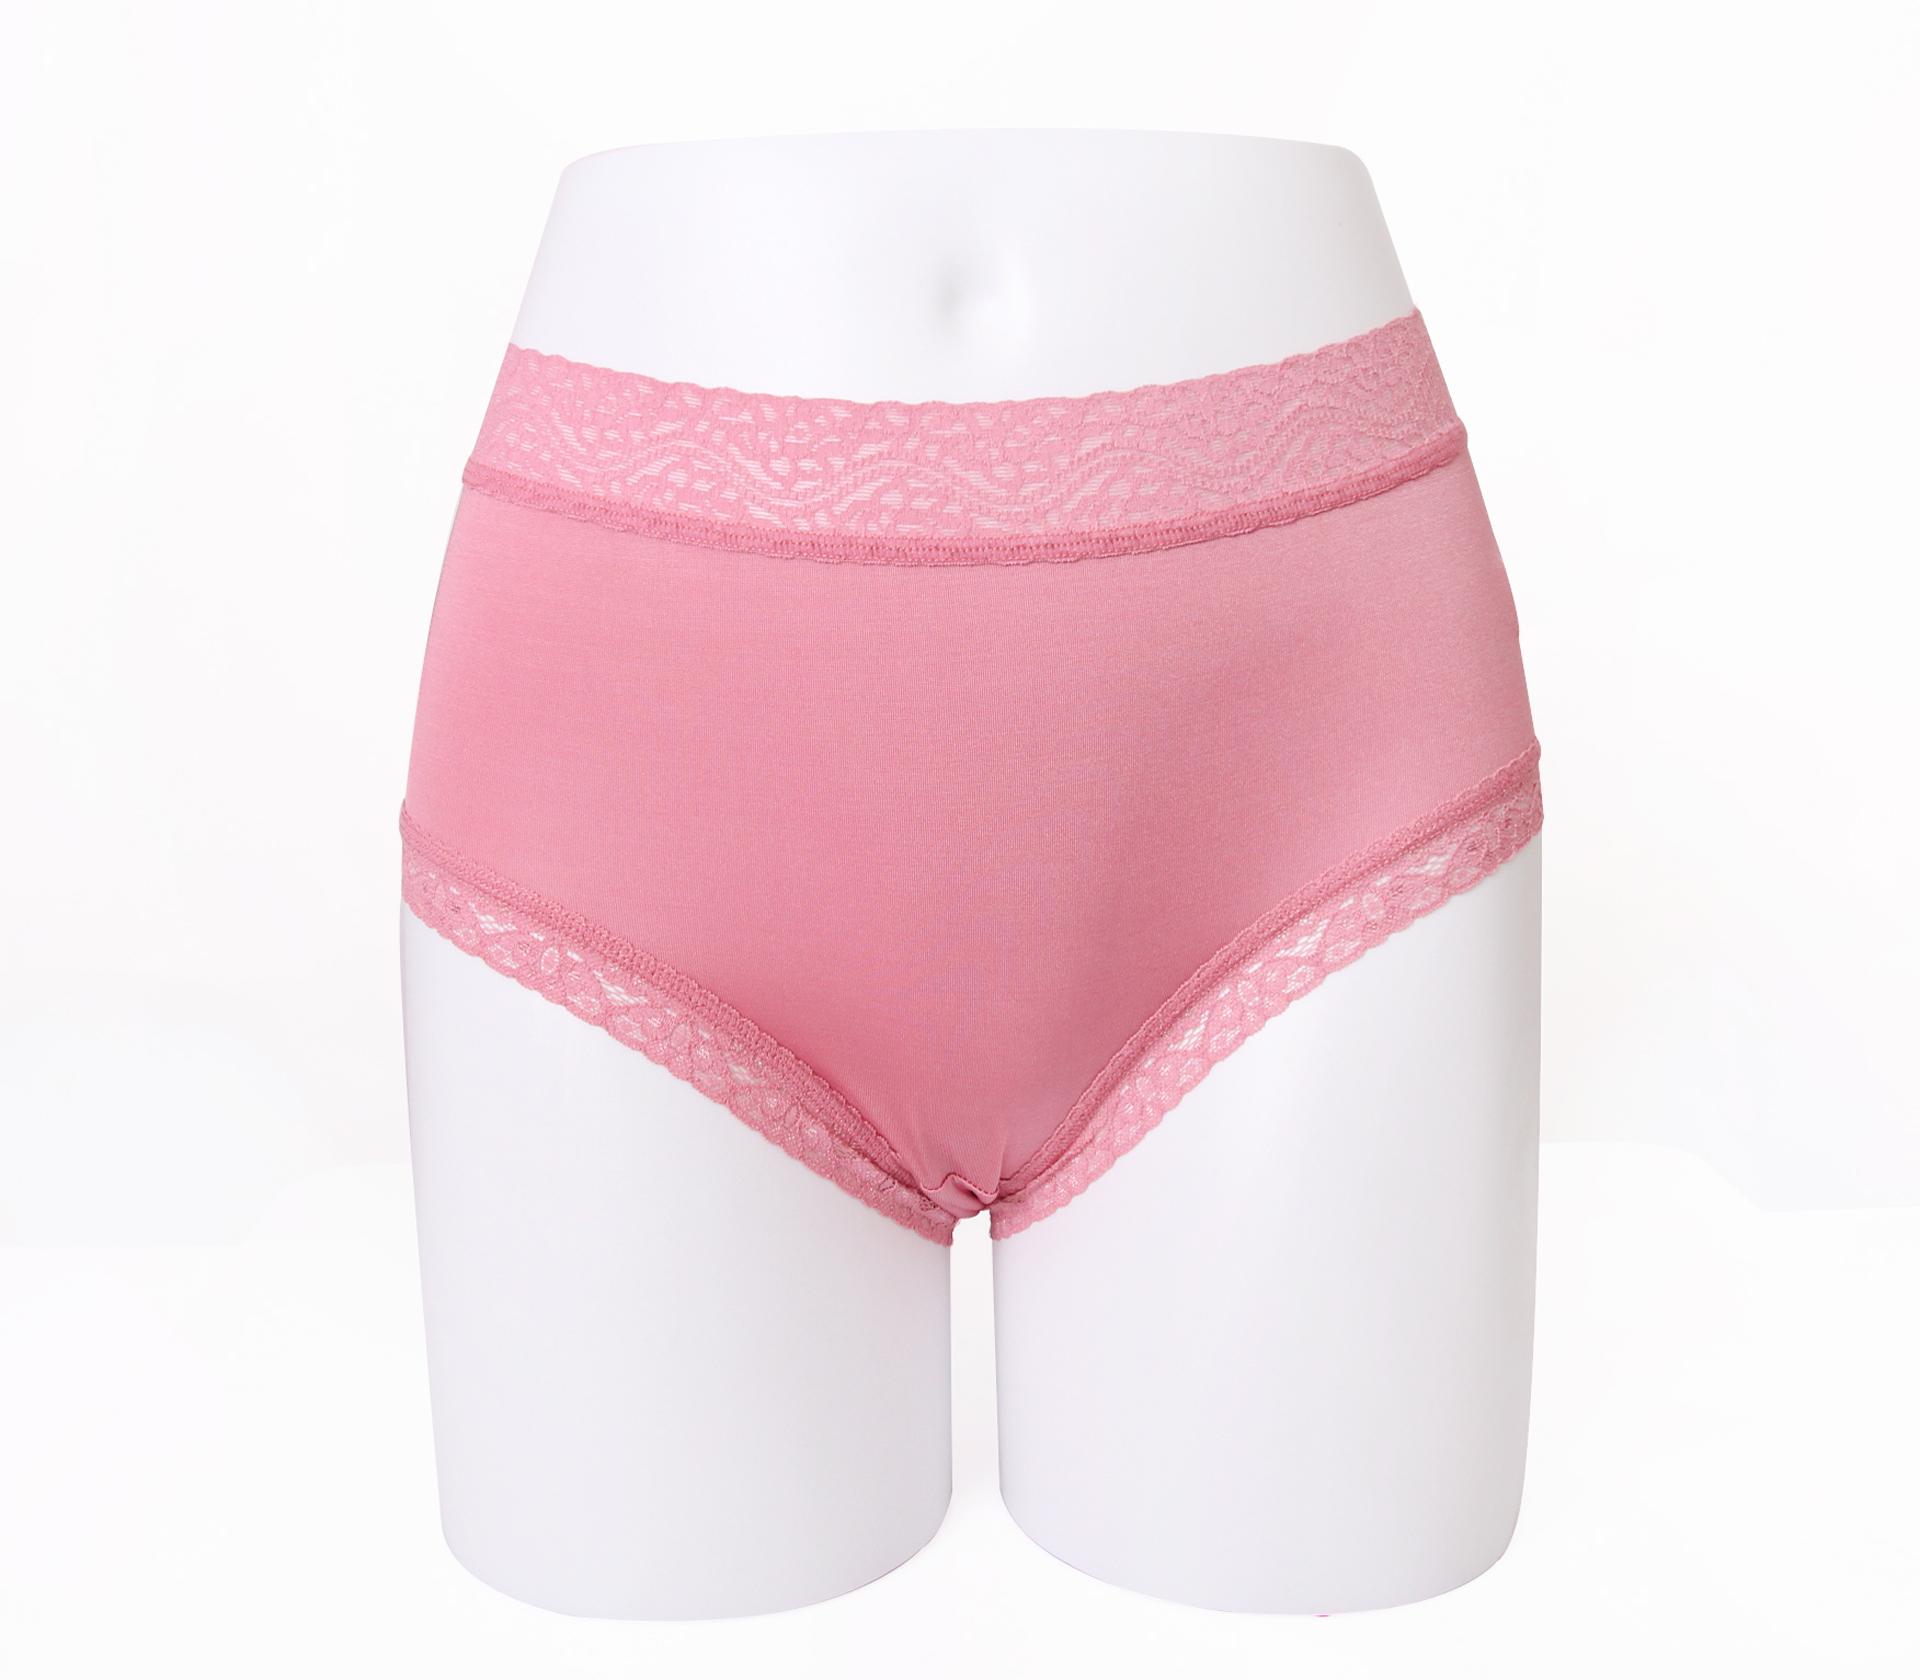 闕蘭絹舒適親膚100%蠶絲內褲-88905(粉)